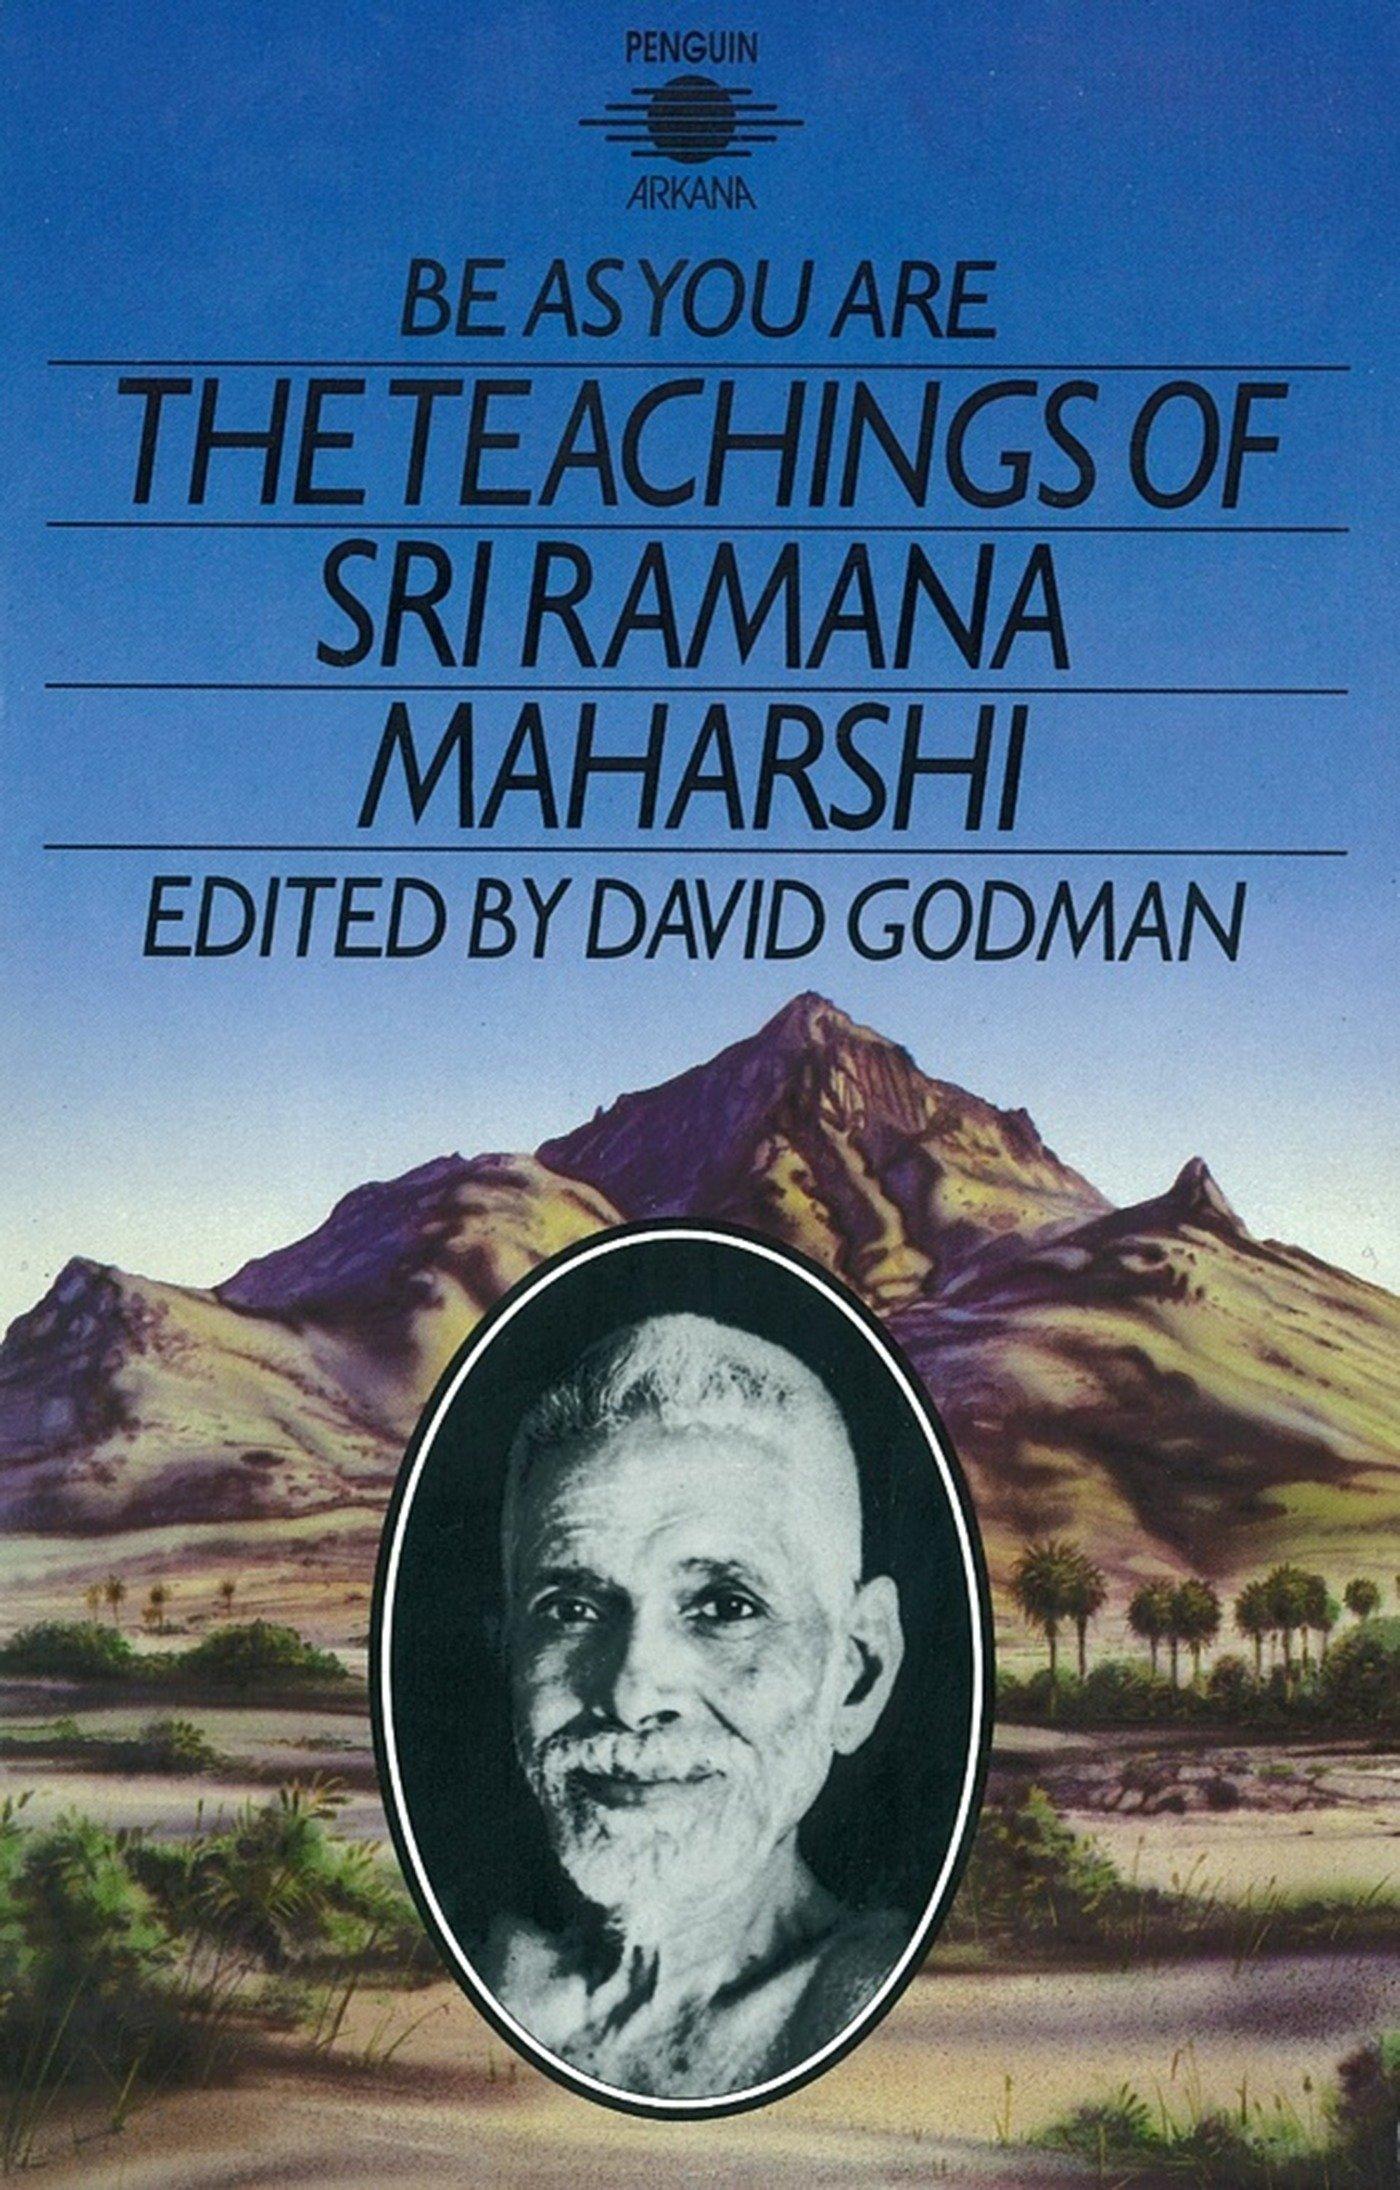 Be as you are: The Teaching of Sri Ramana Maharshi